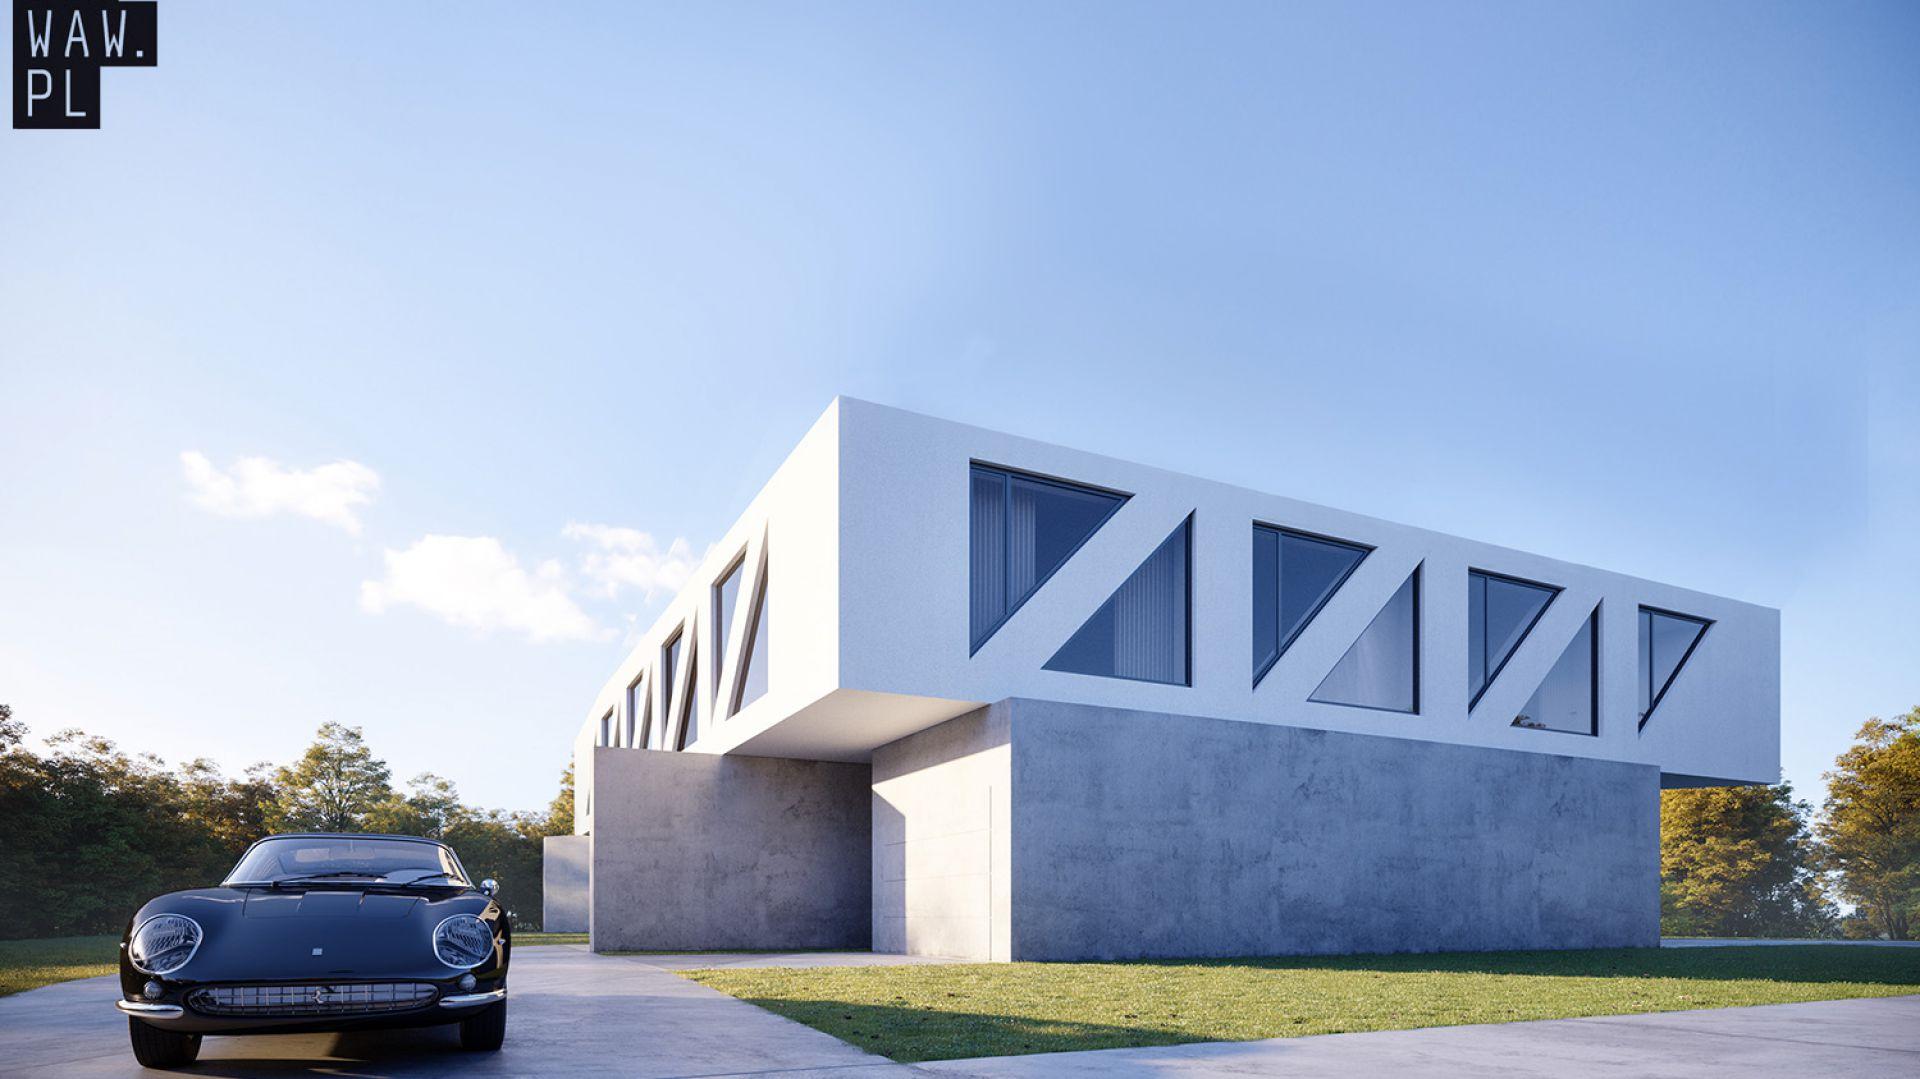 Lekka, ażurowa biała forma piętra unosi się nad ziemią, podparta na betonowych filarach niczym most nad rzeką. Dom Most. Projekt i zdjęcia: 81.waw.pl